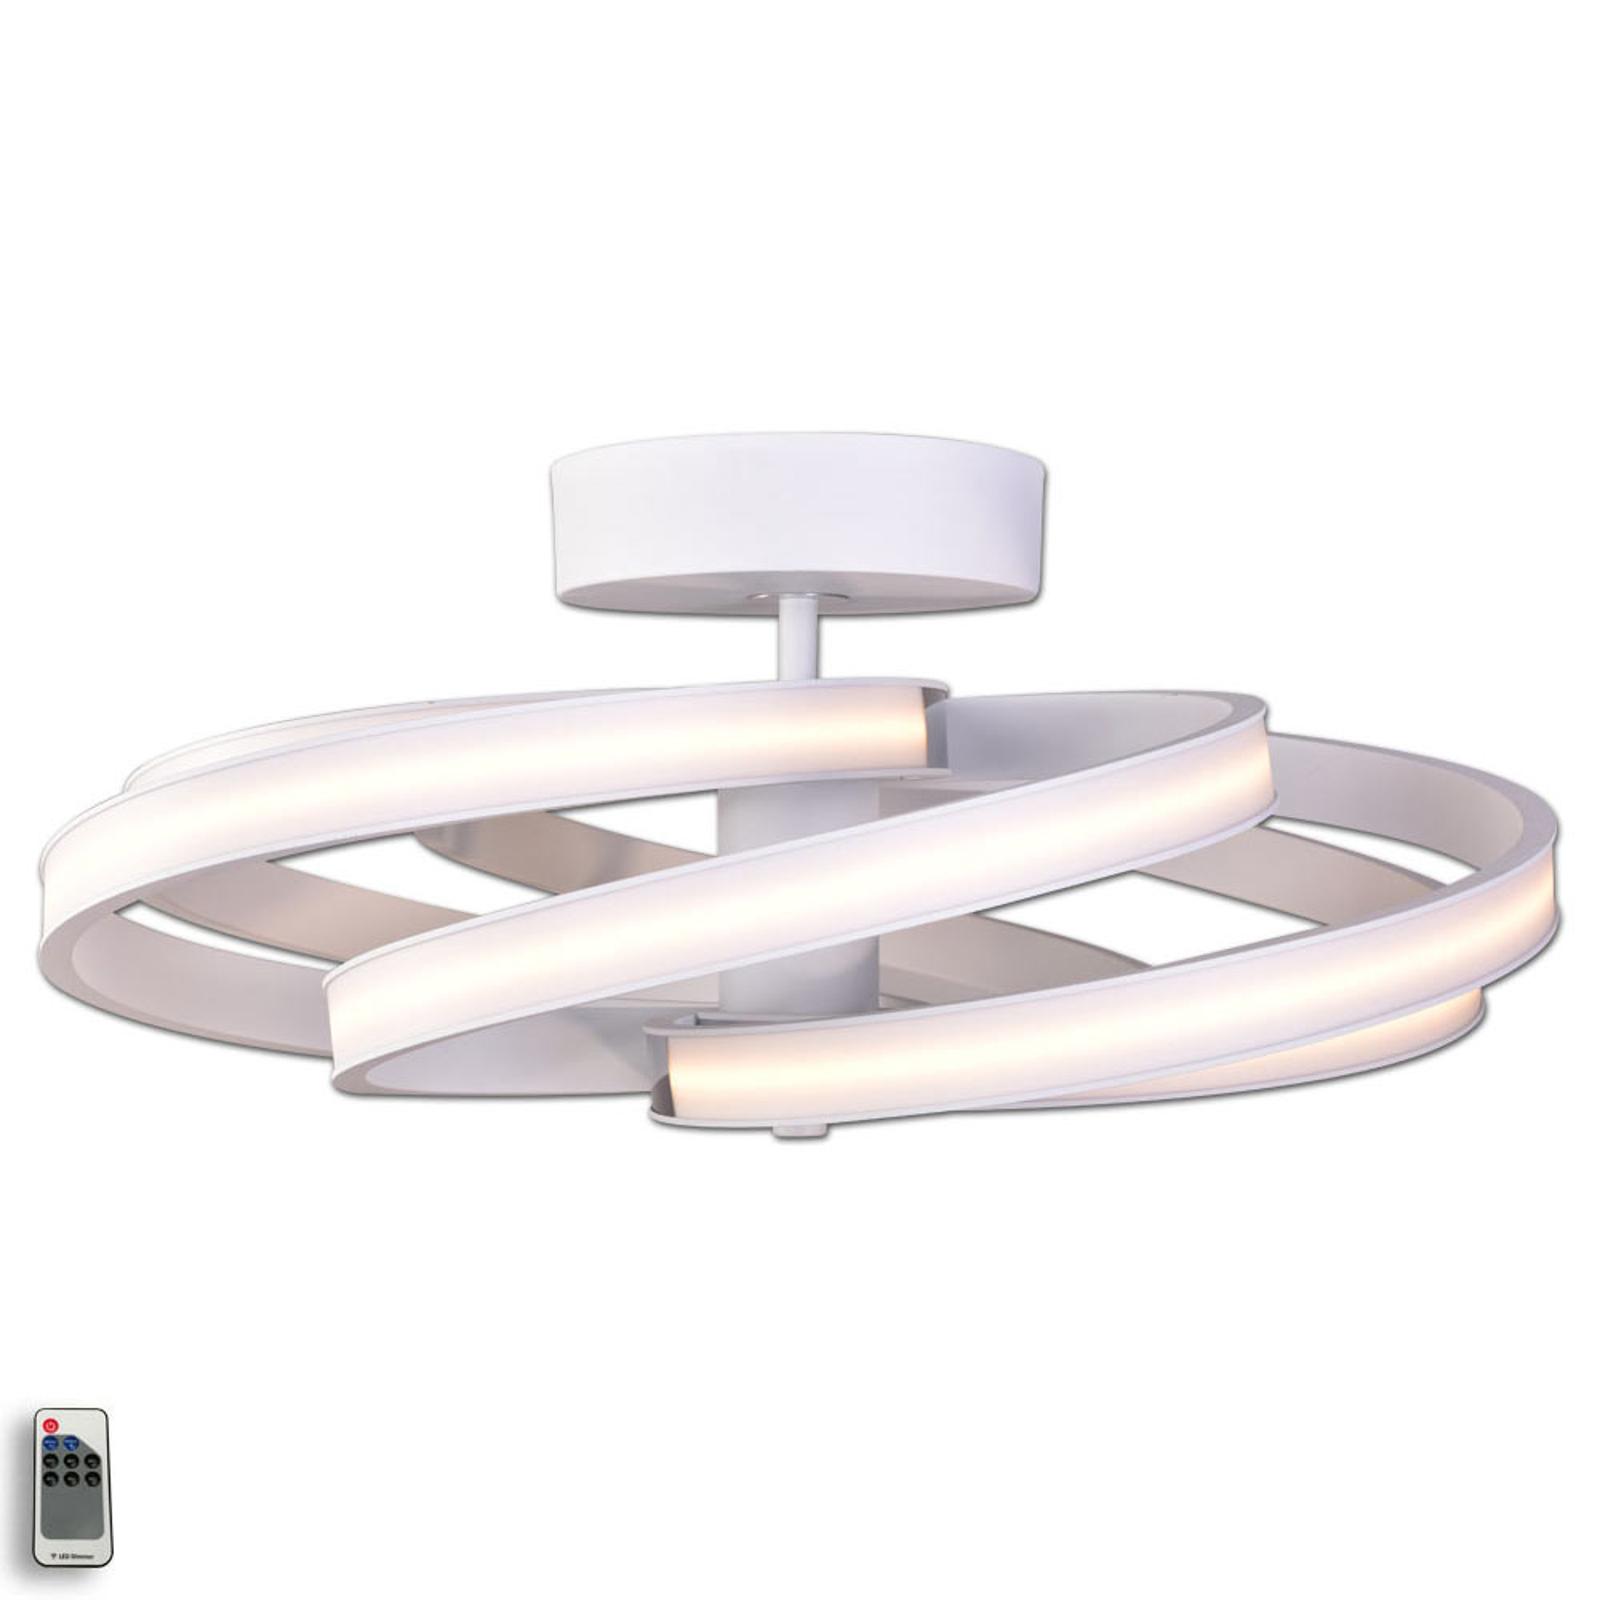 Zoya - moderne LED-Deckenleuchte, weiß